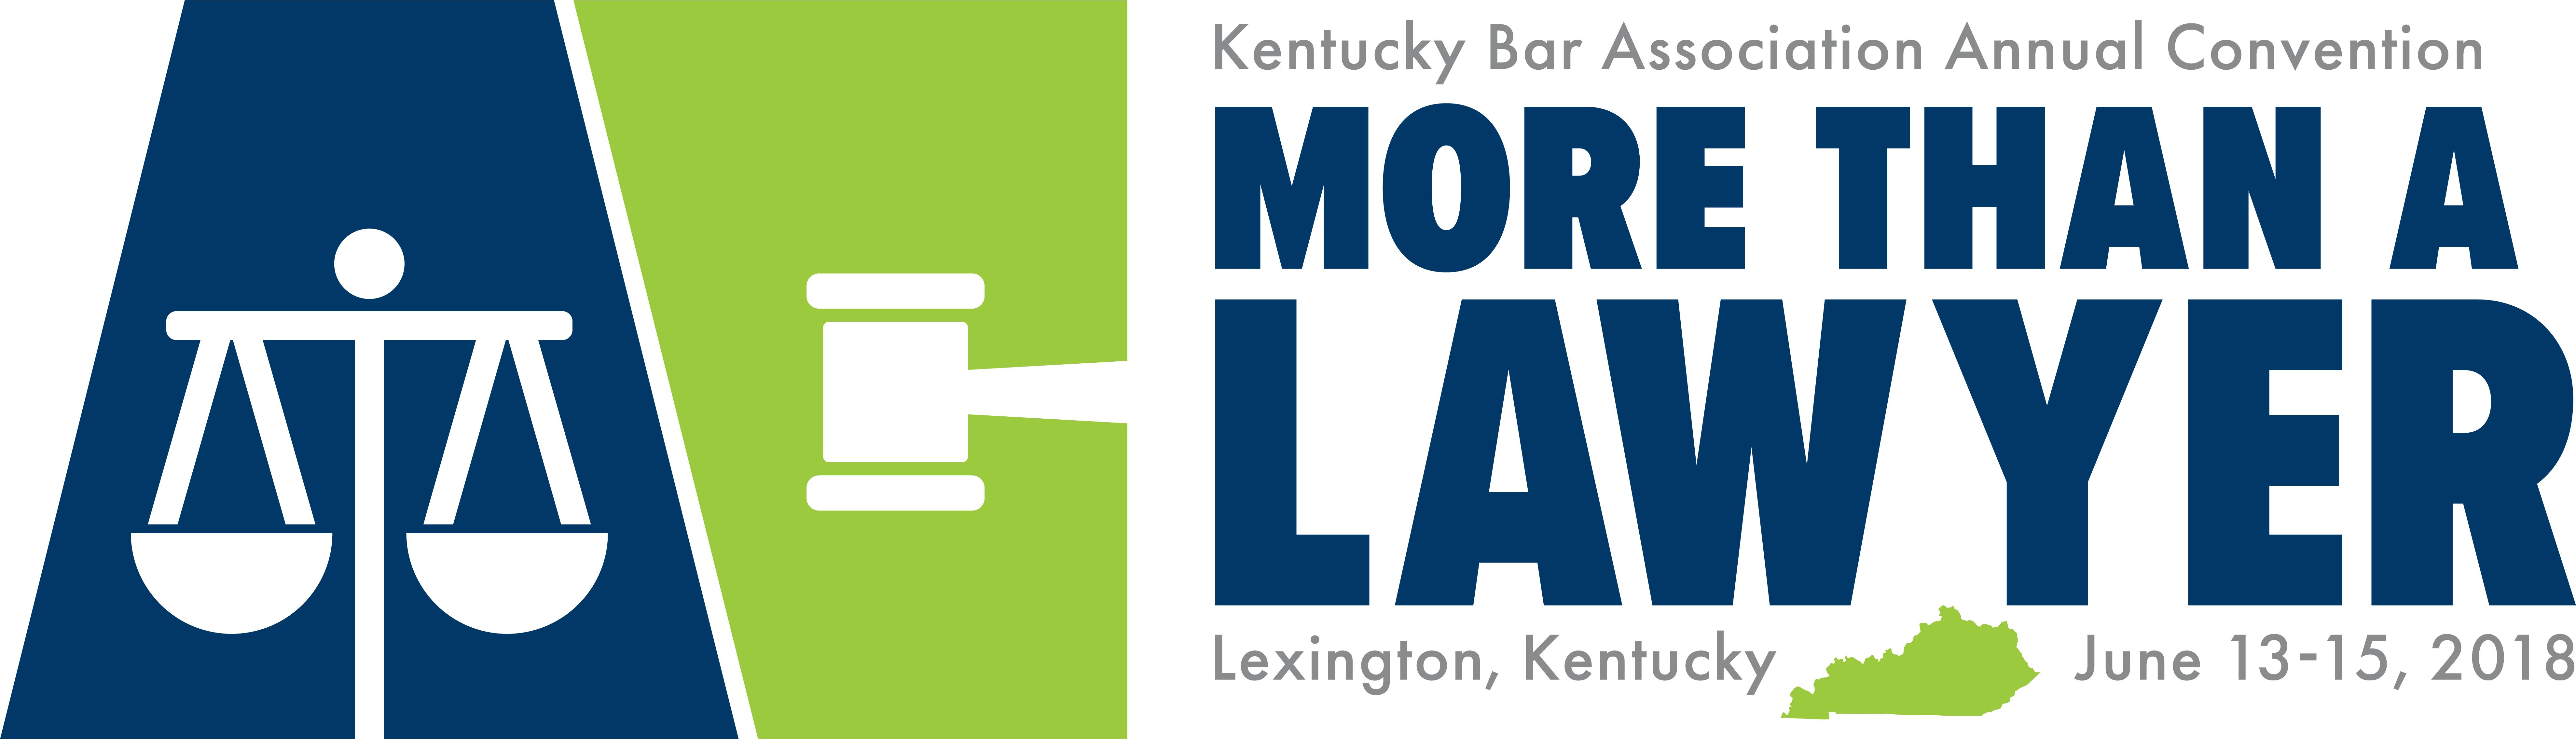 Kentucky bar association schedule solutioingenieria Choice Image